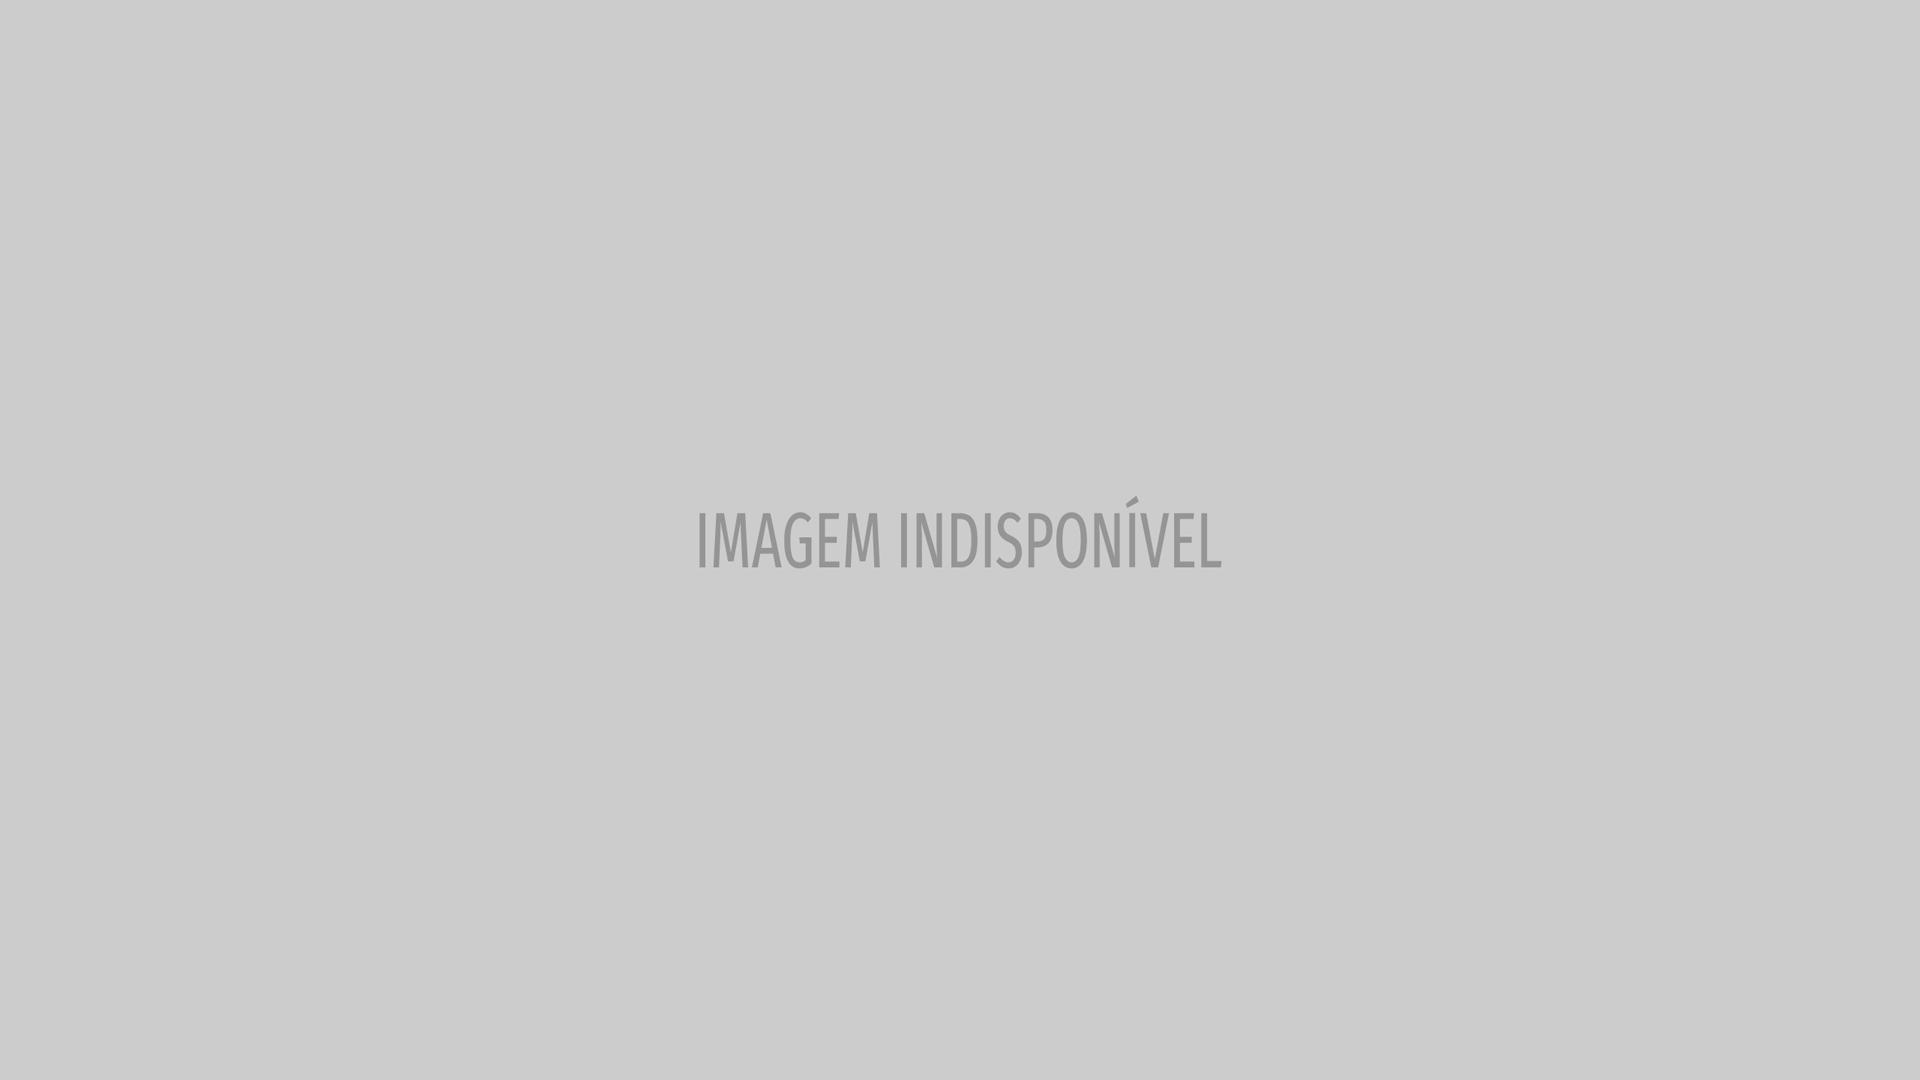 Khloé Kardashian celebra dia especial com fotos ternurentas da filha